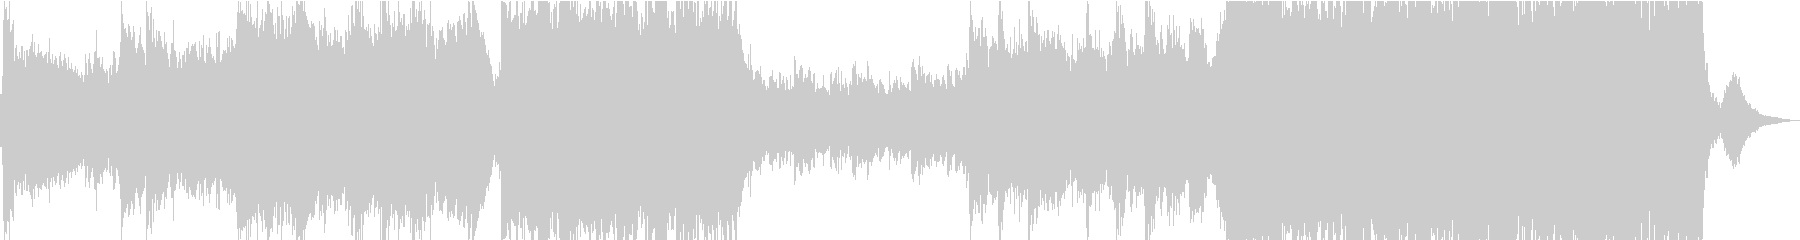 現代的 交響曲 エレクトロ クラシ...の未再生の波形